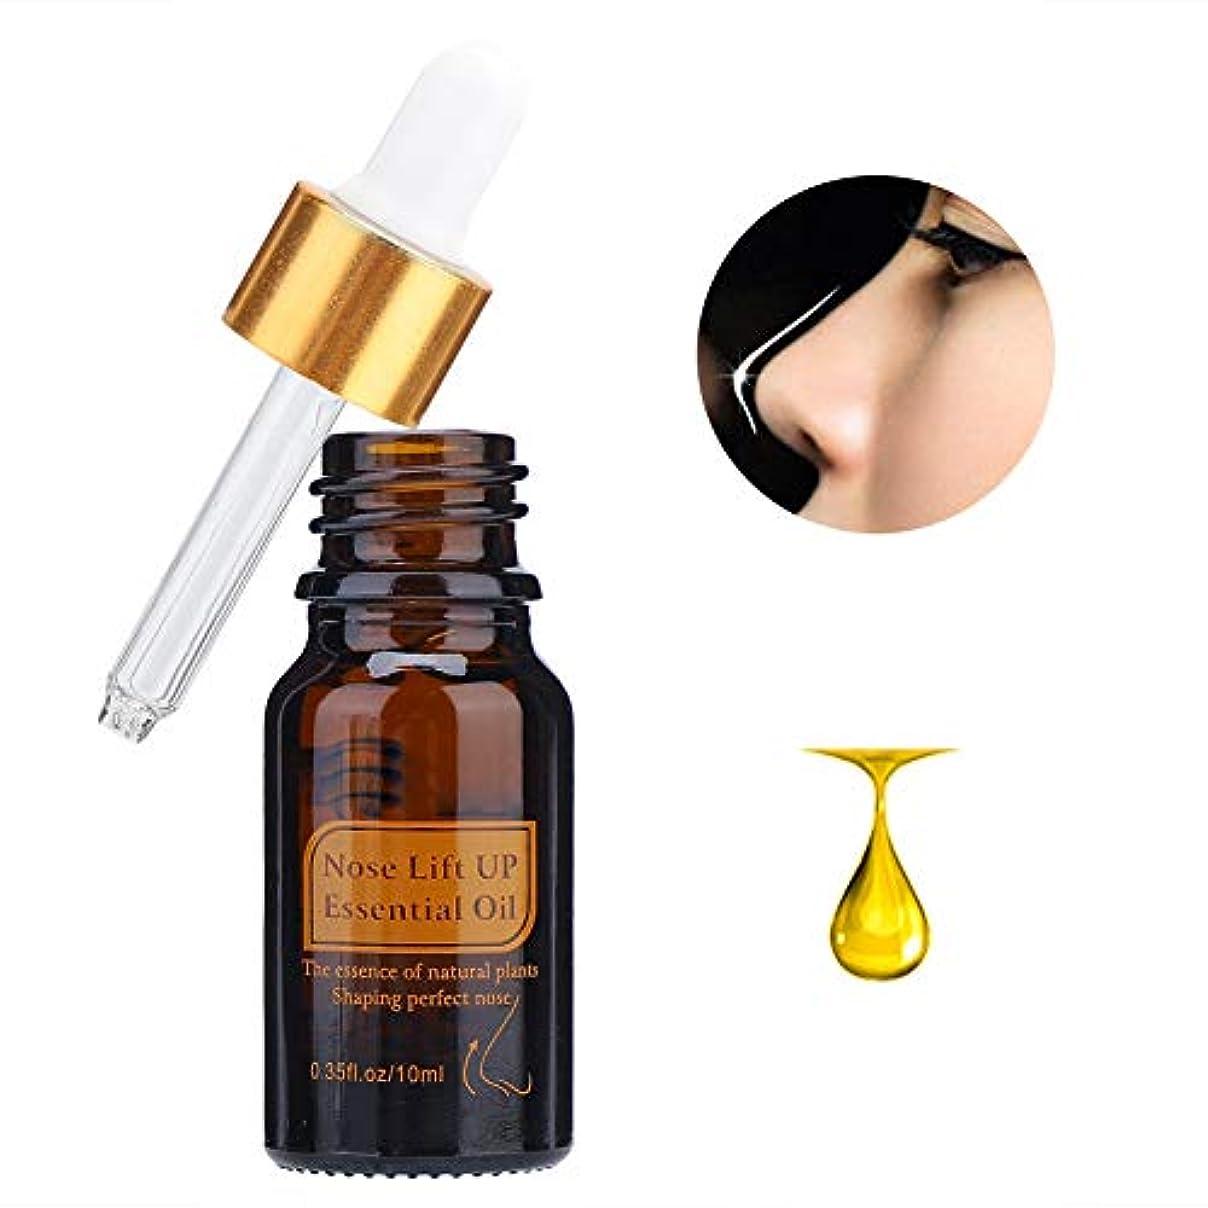 マッシュ気性比類なきノーズケアエッセンシャルオイル、ノーズリフティングアップエッセンシャルケアオイルシェーピング引き締め肌の保湿をサポートしますリラクゼーションと痛みをします